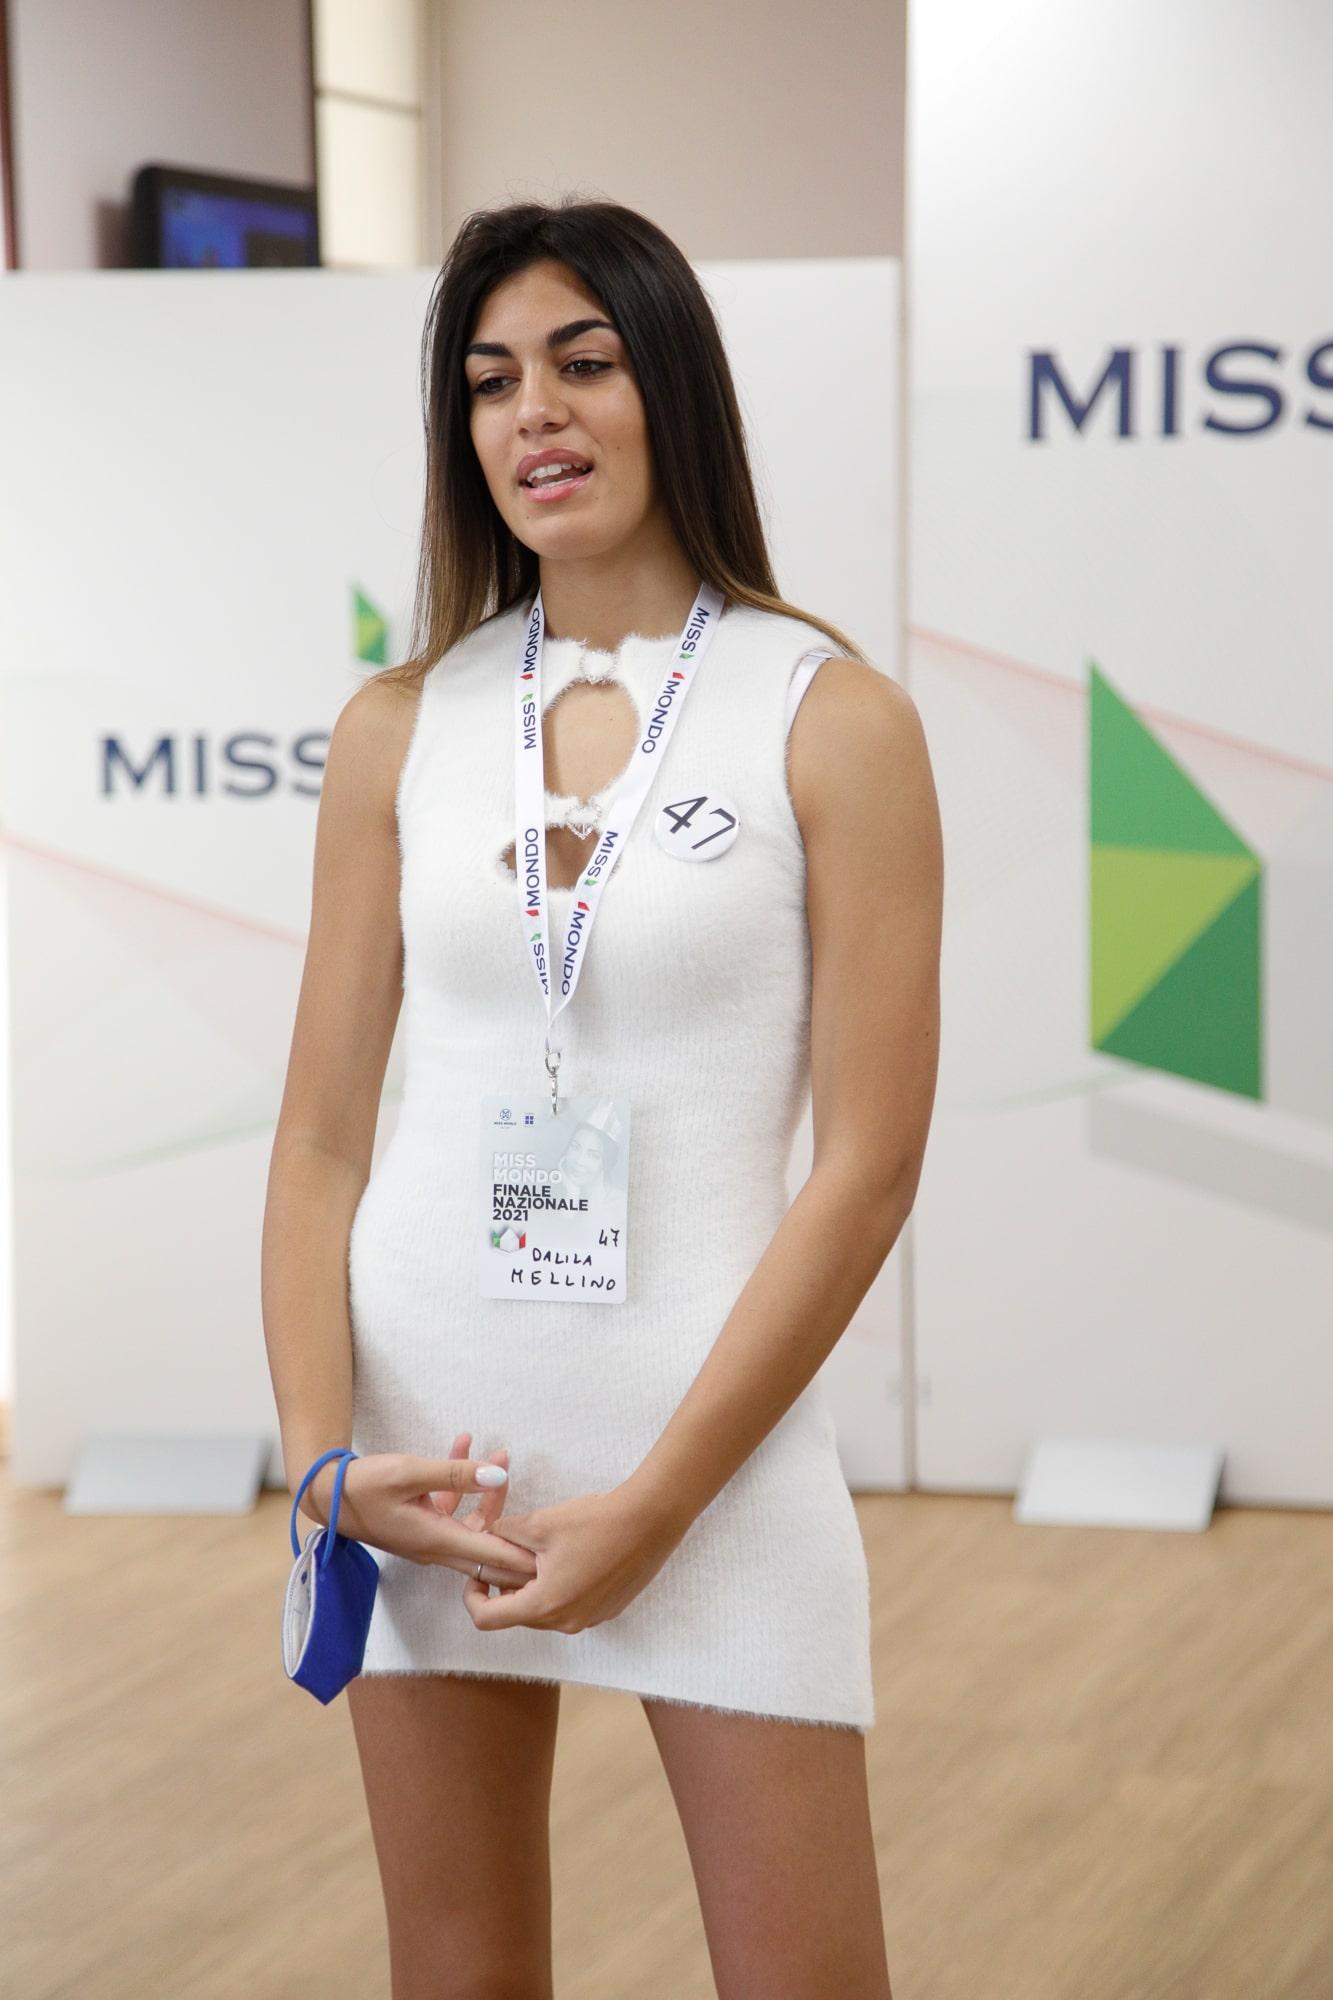 Secondo passaggio giuria per le ragazze di Missmondo Italia 2021 - 23